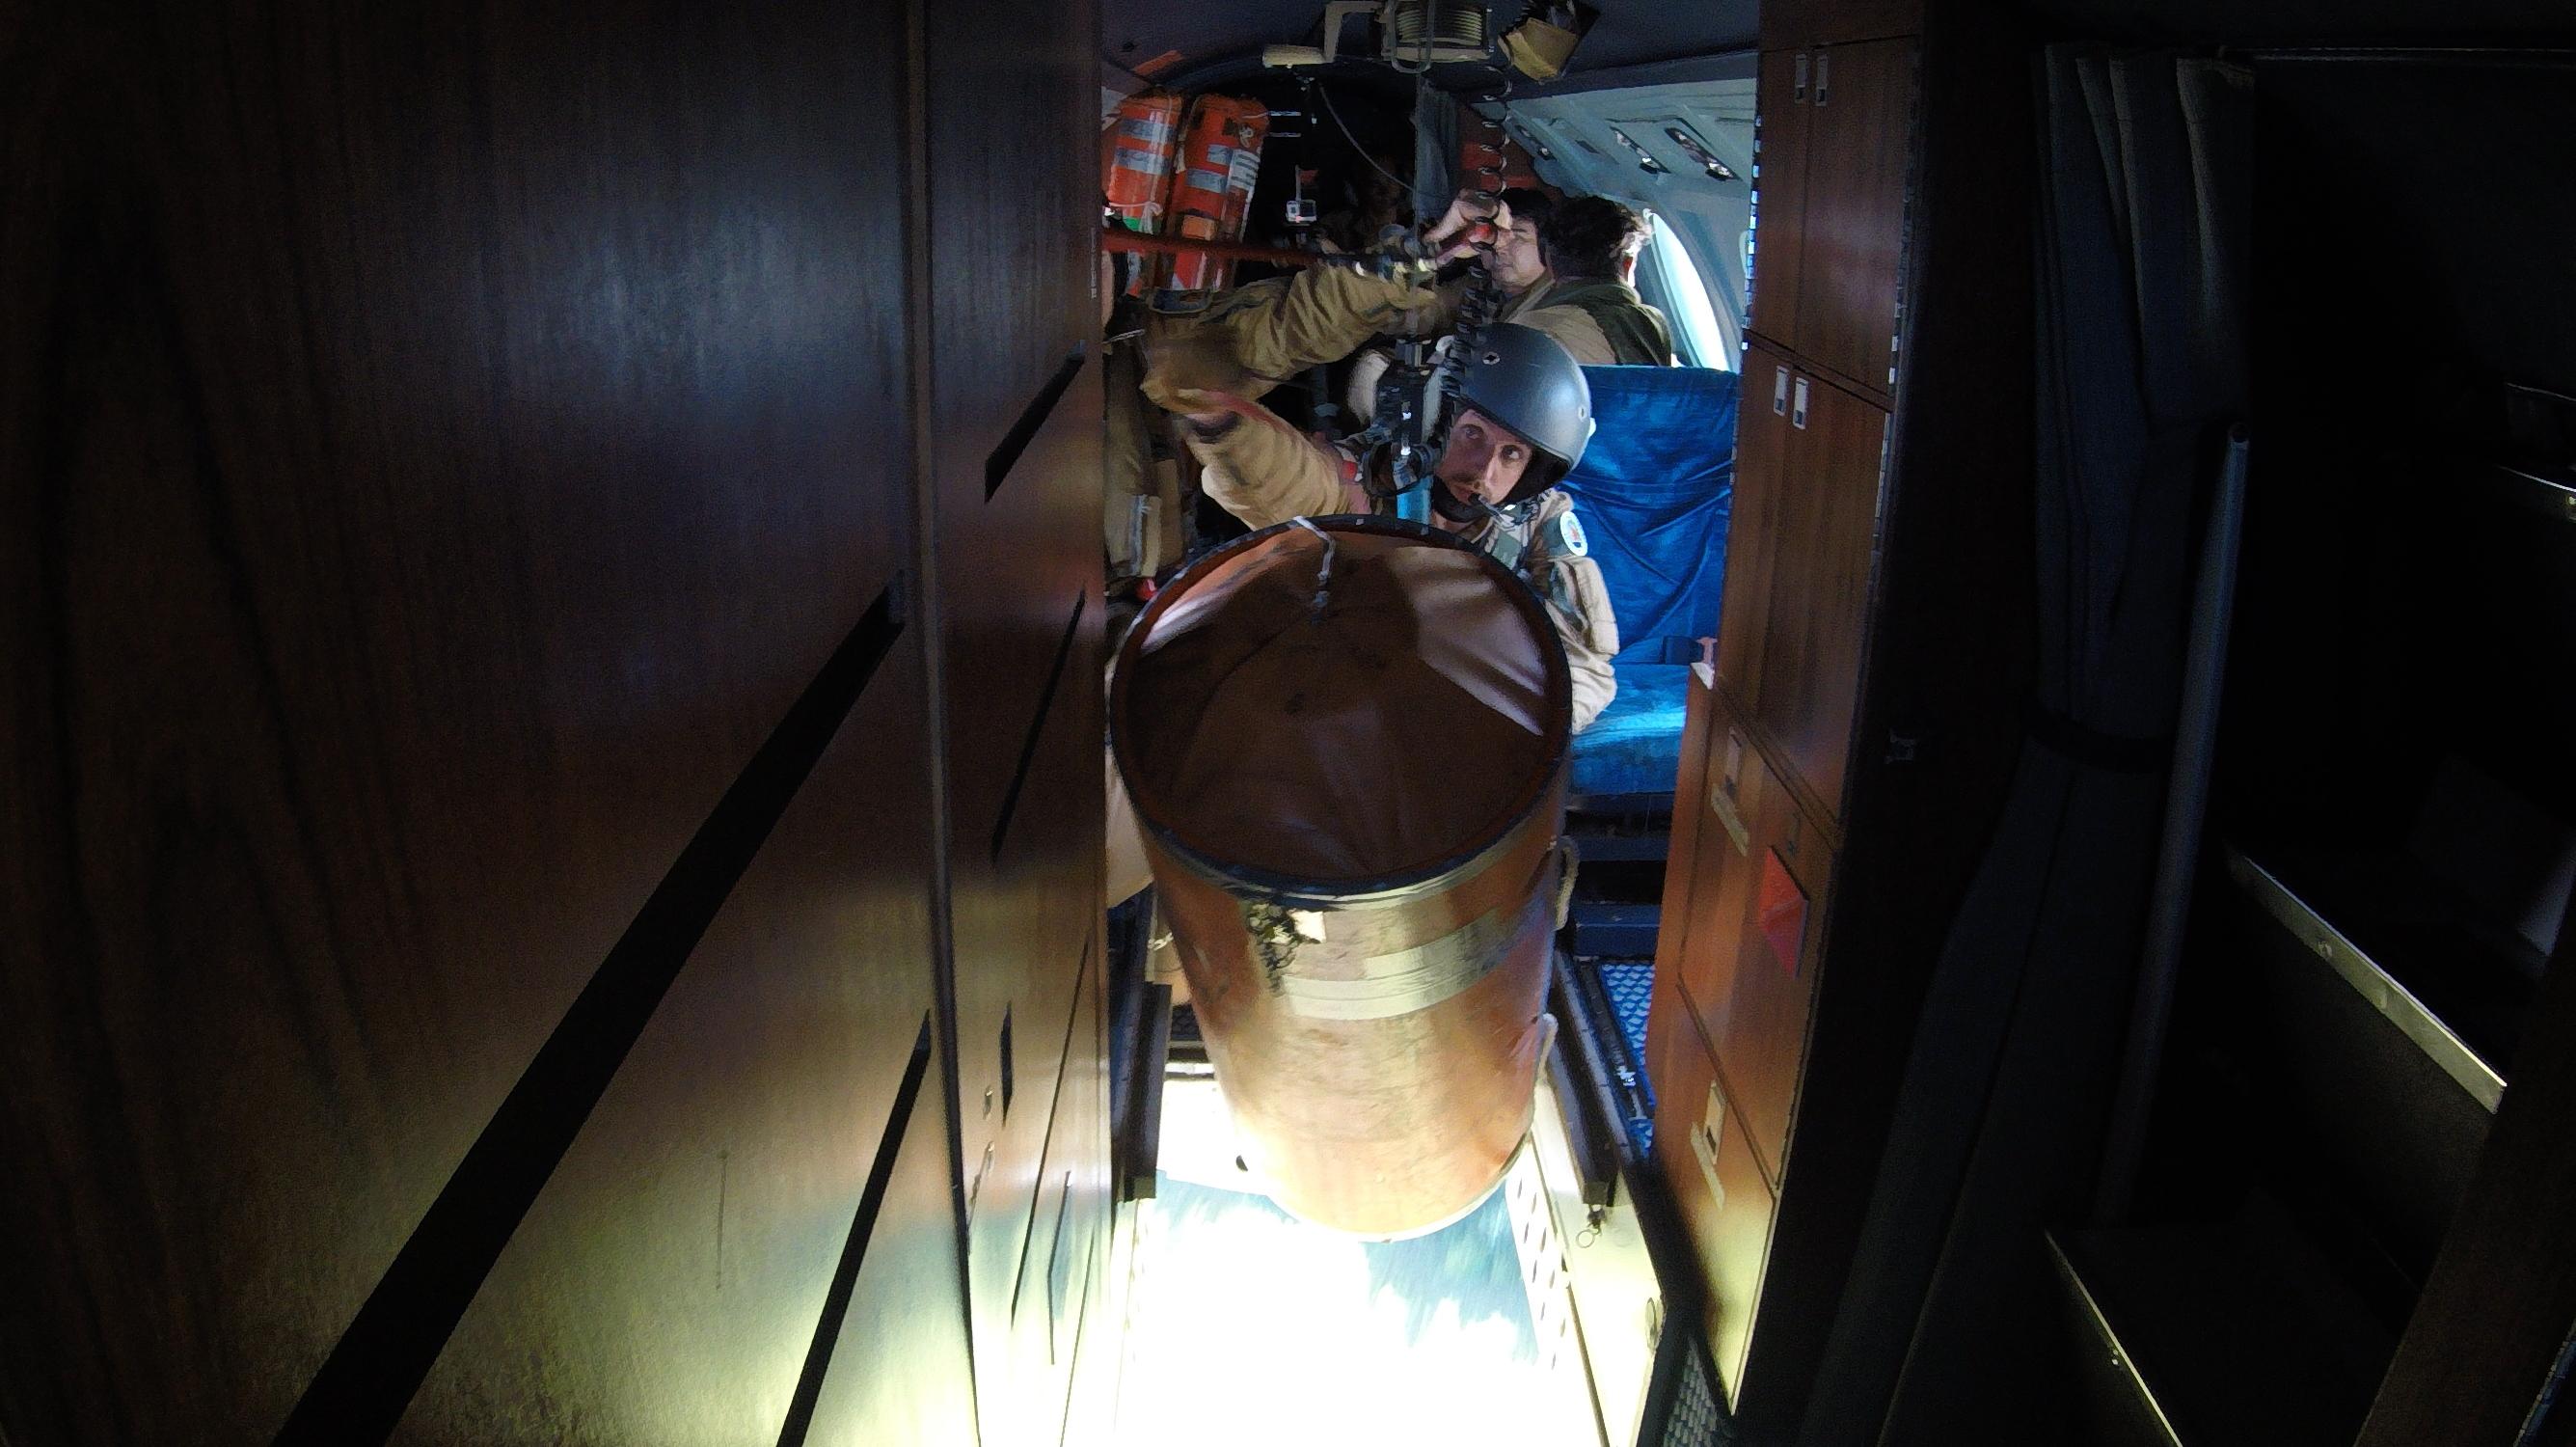 Une trappe est aménagée sur la carlingue du Gardian pour réaliser ce type de missions.